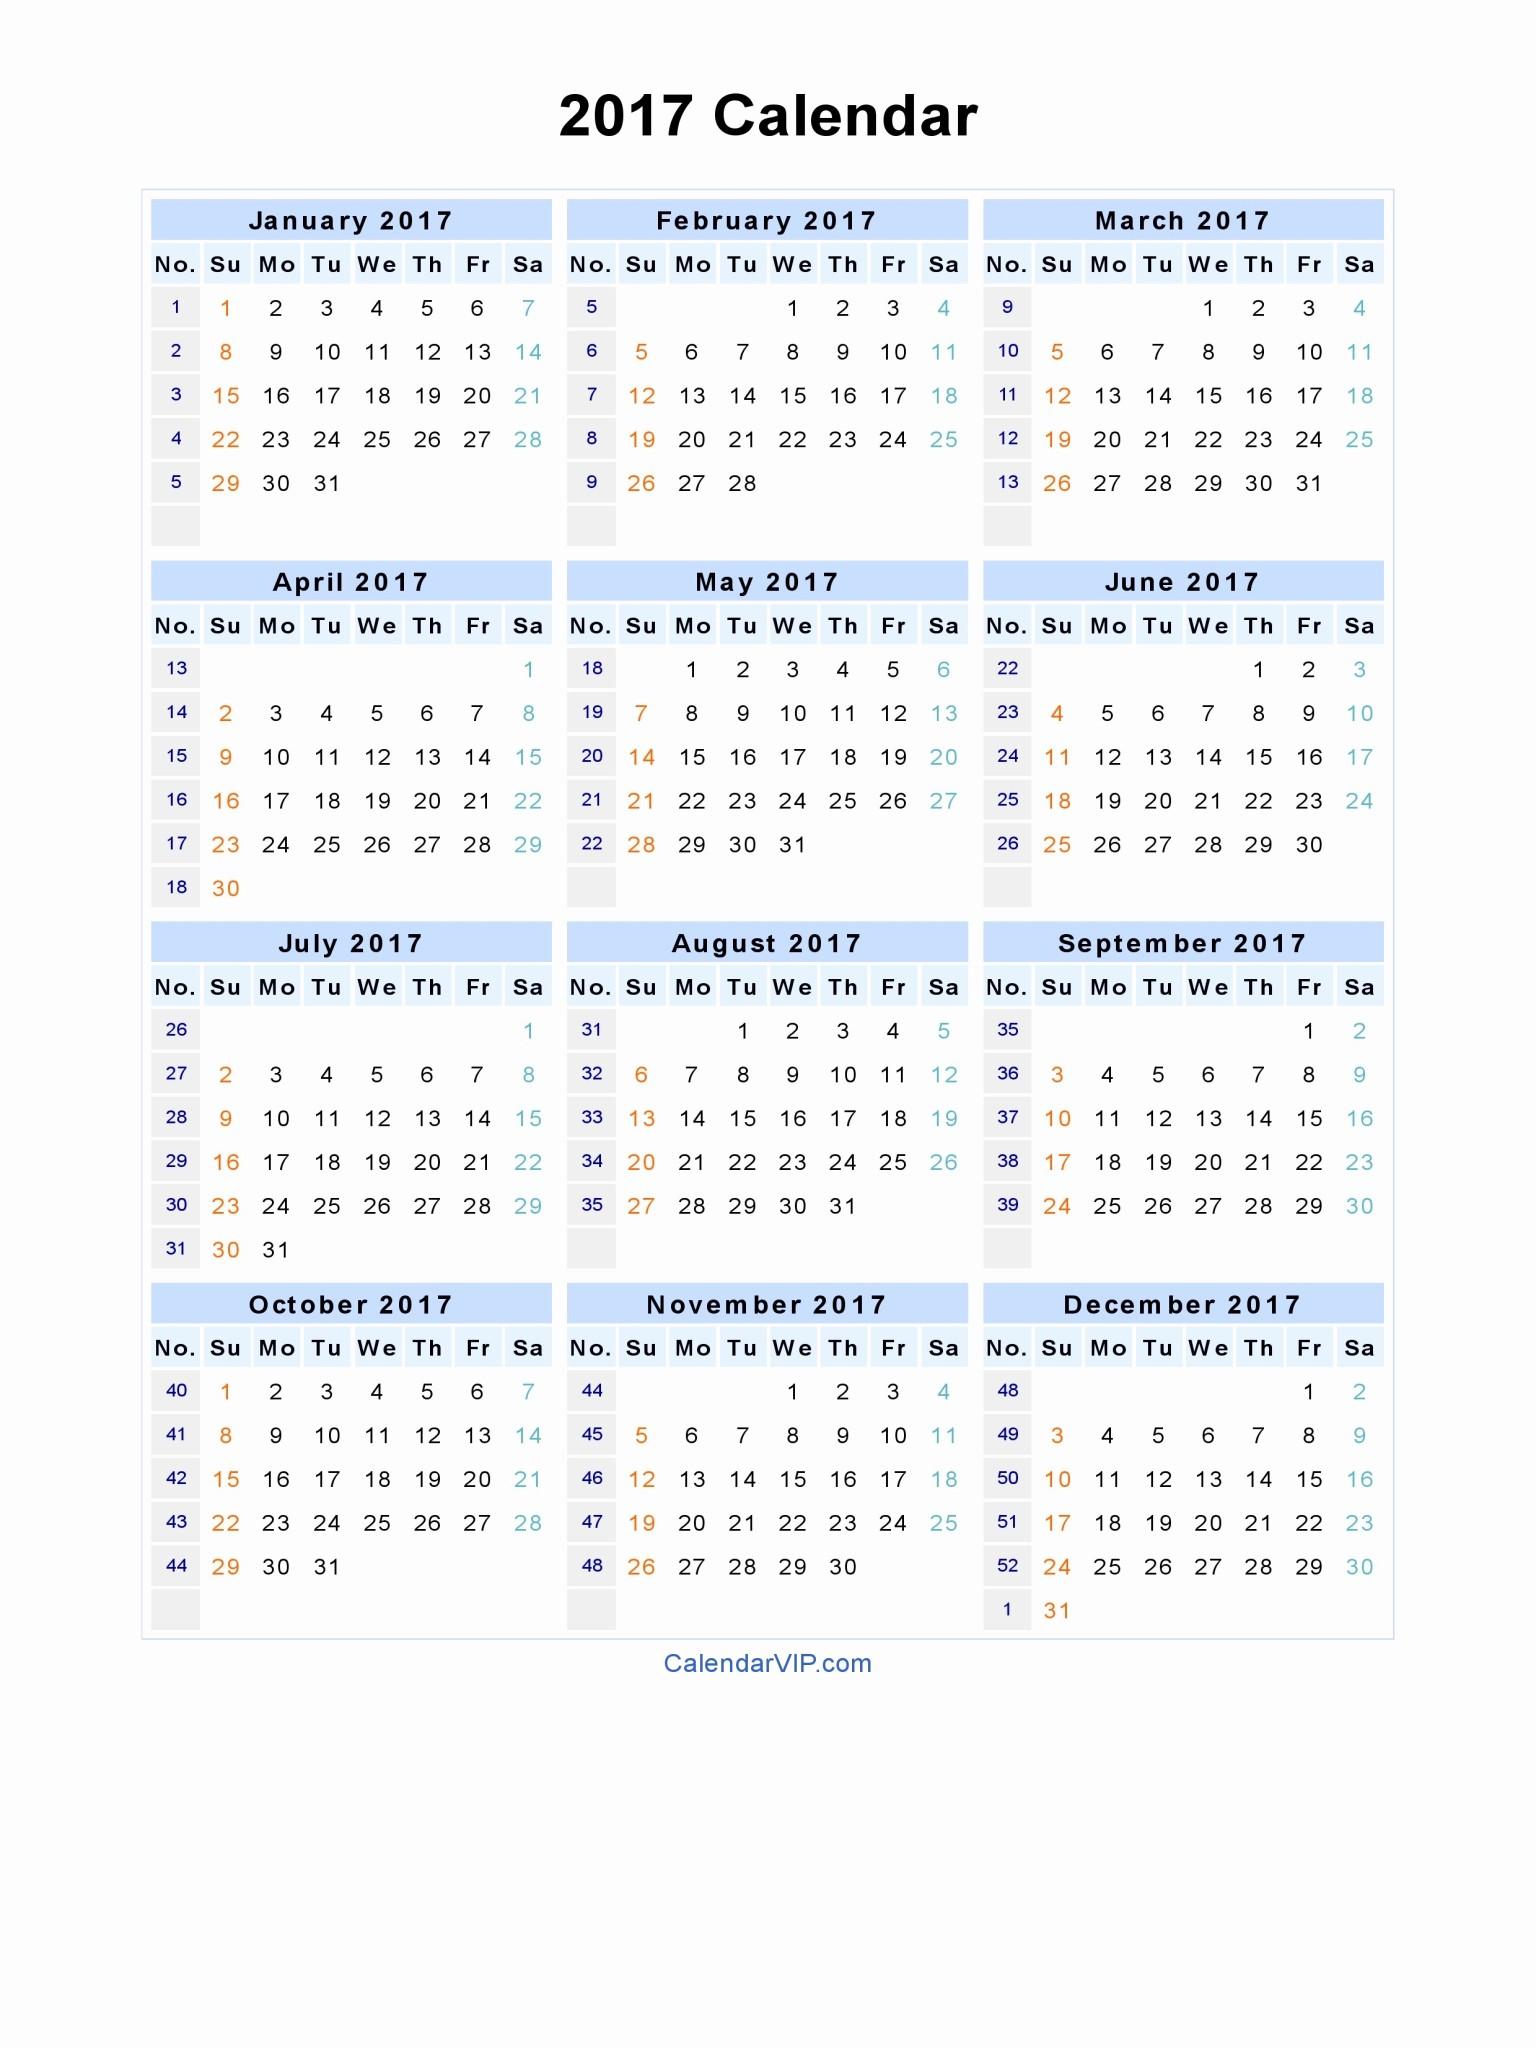 Free Printable Weekly Calendars 2017 New 2017 Printable Calendar Word